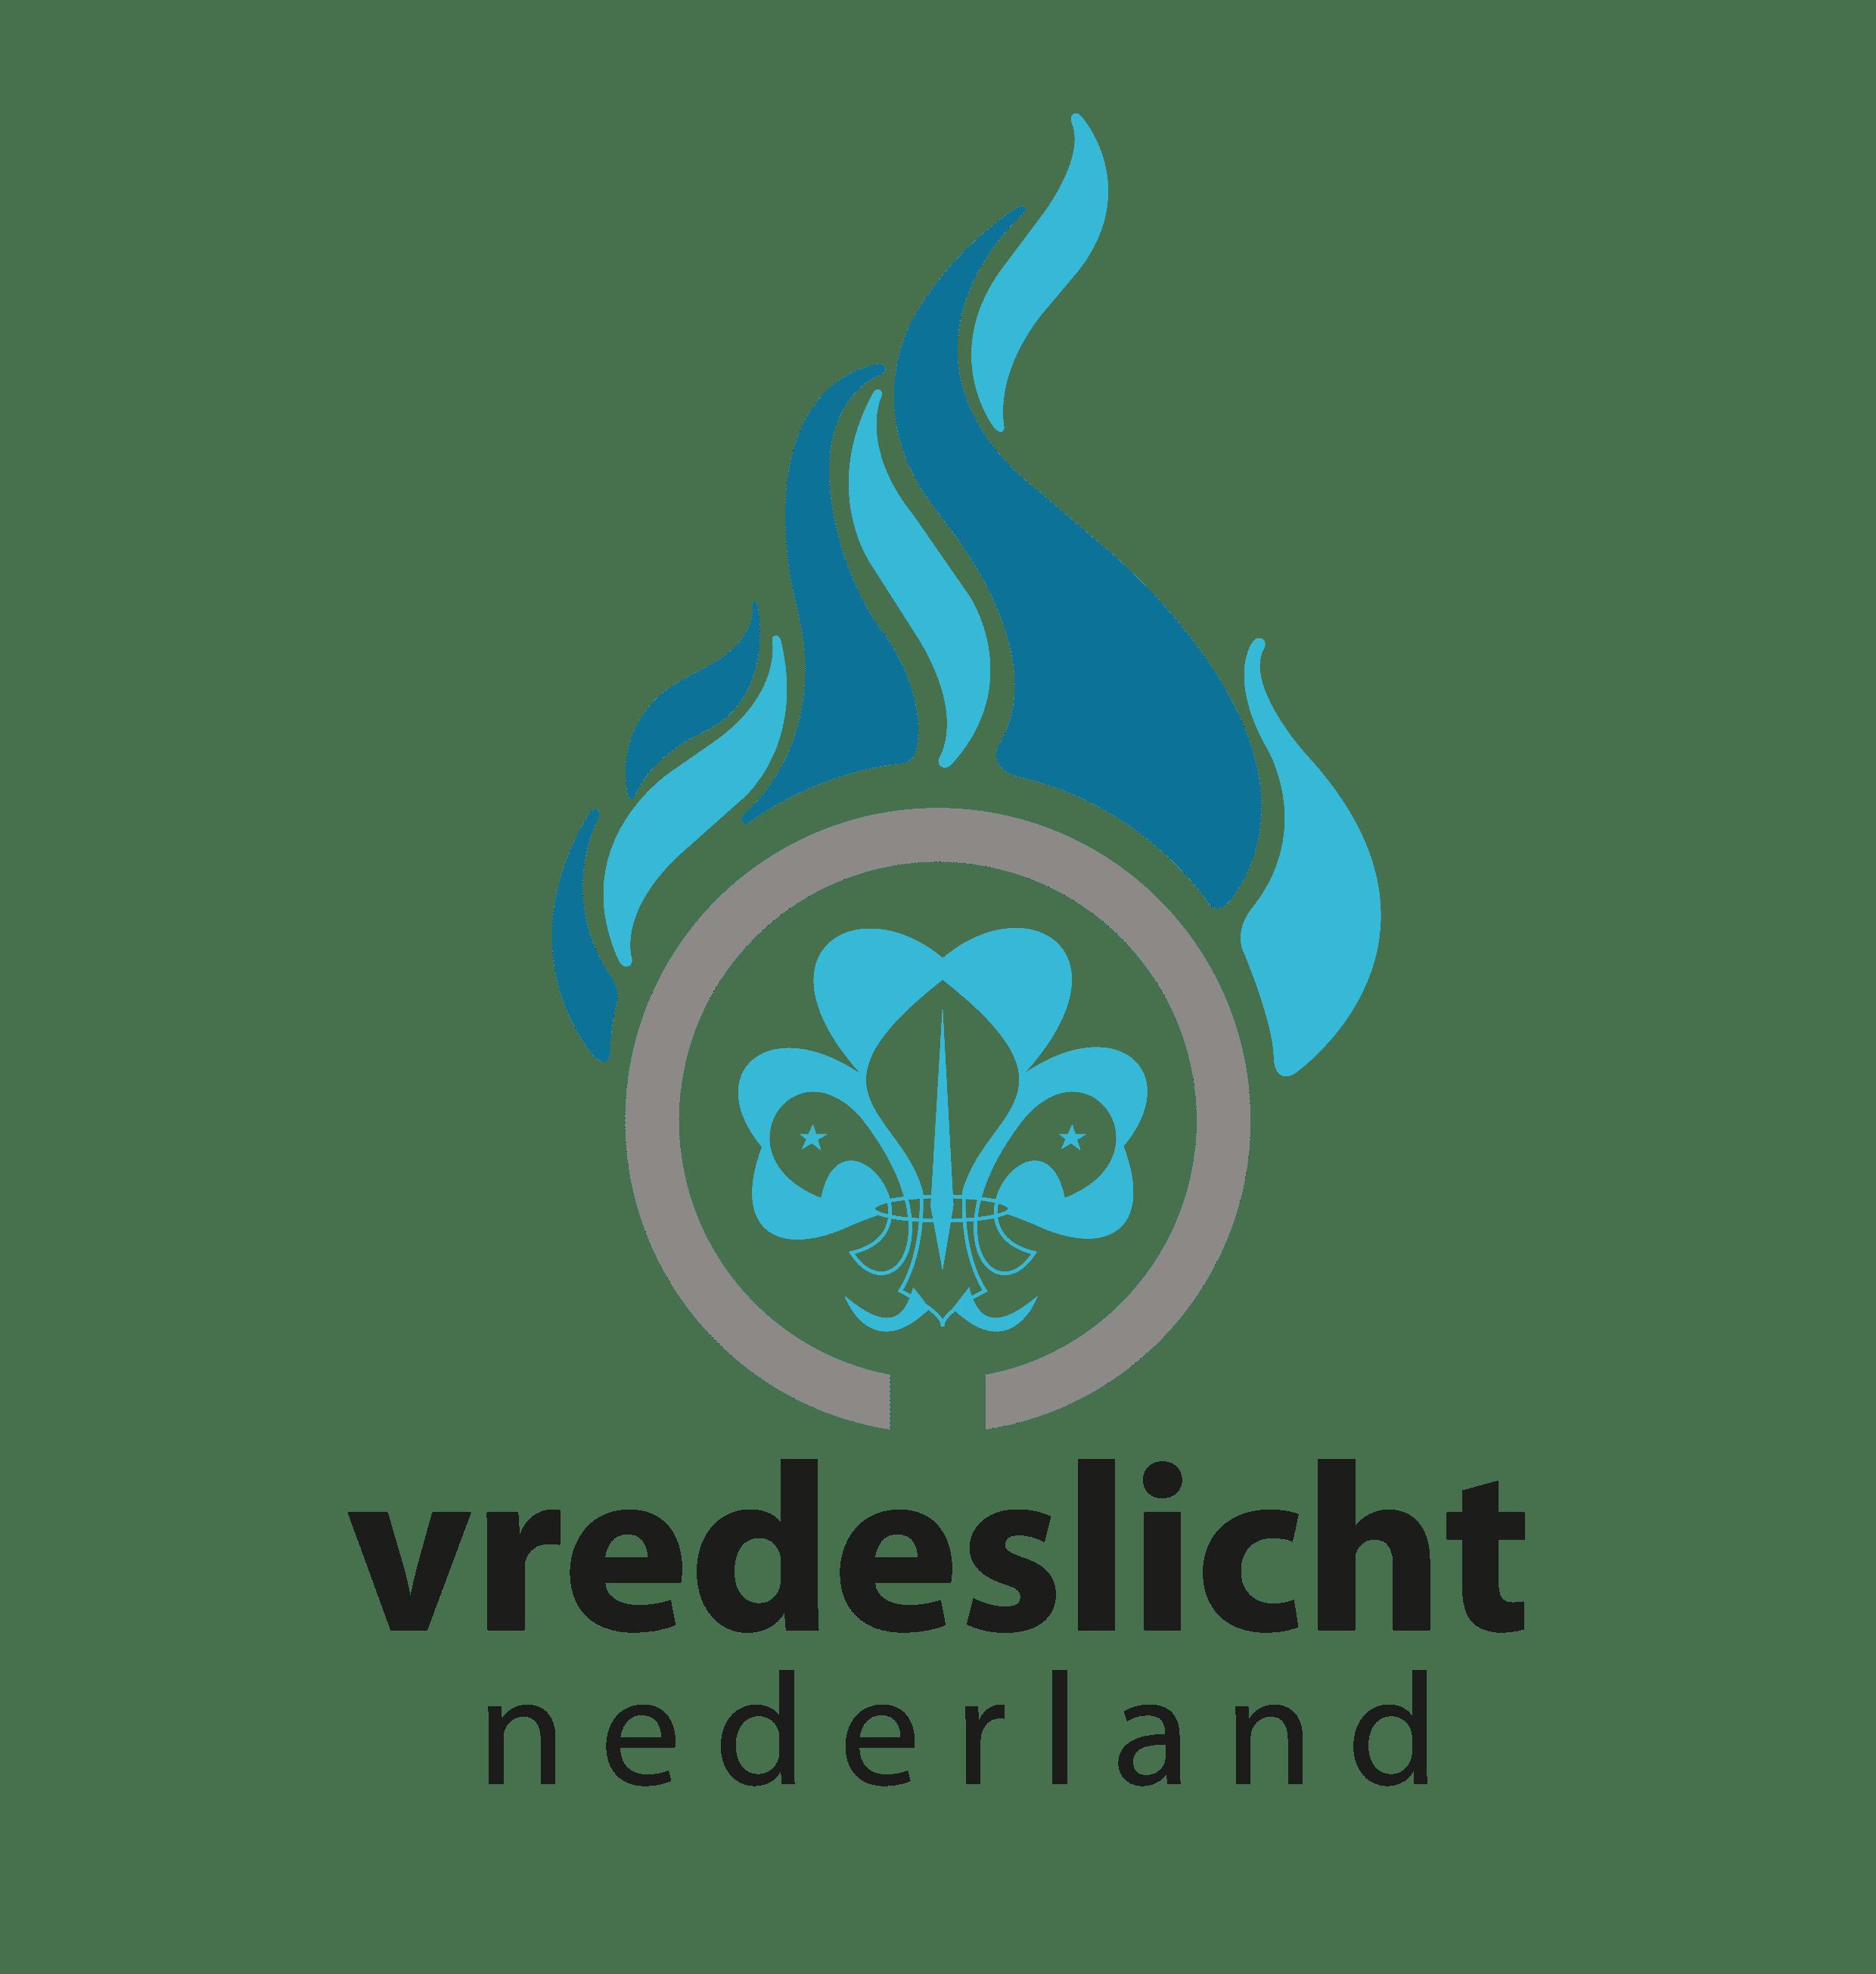 Vredeslicht Nederland